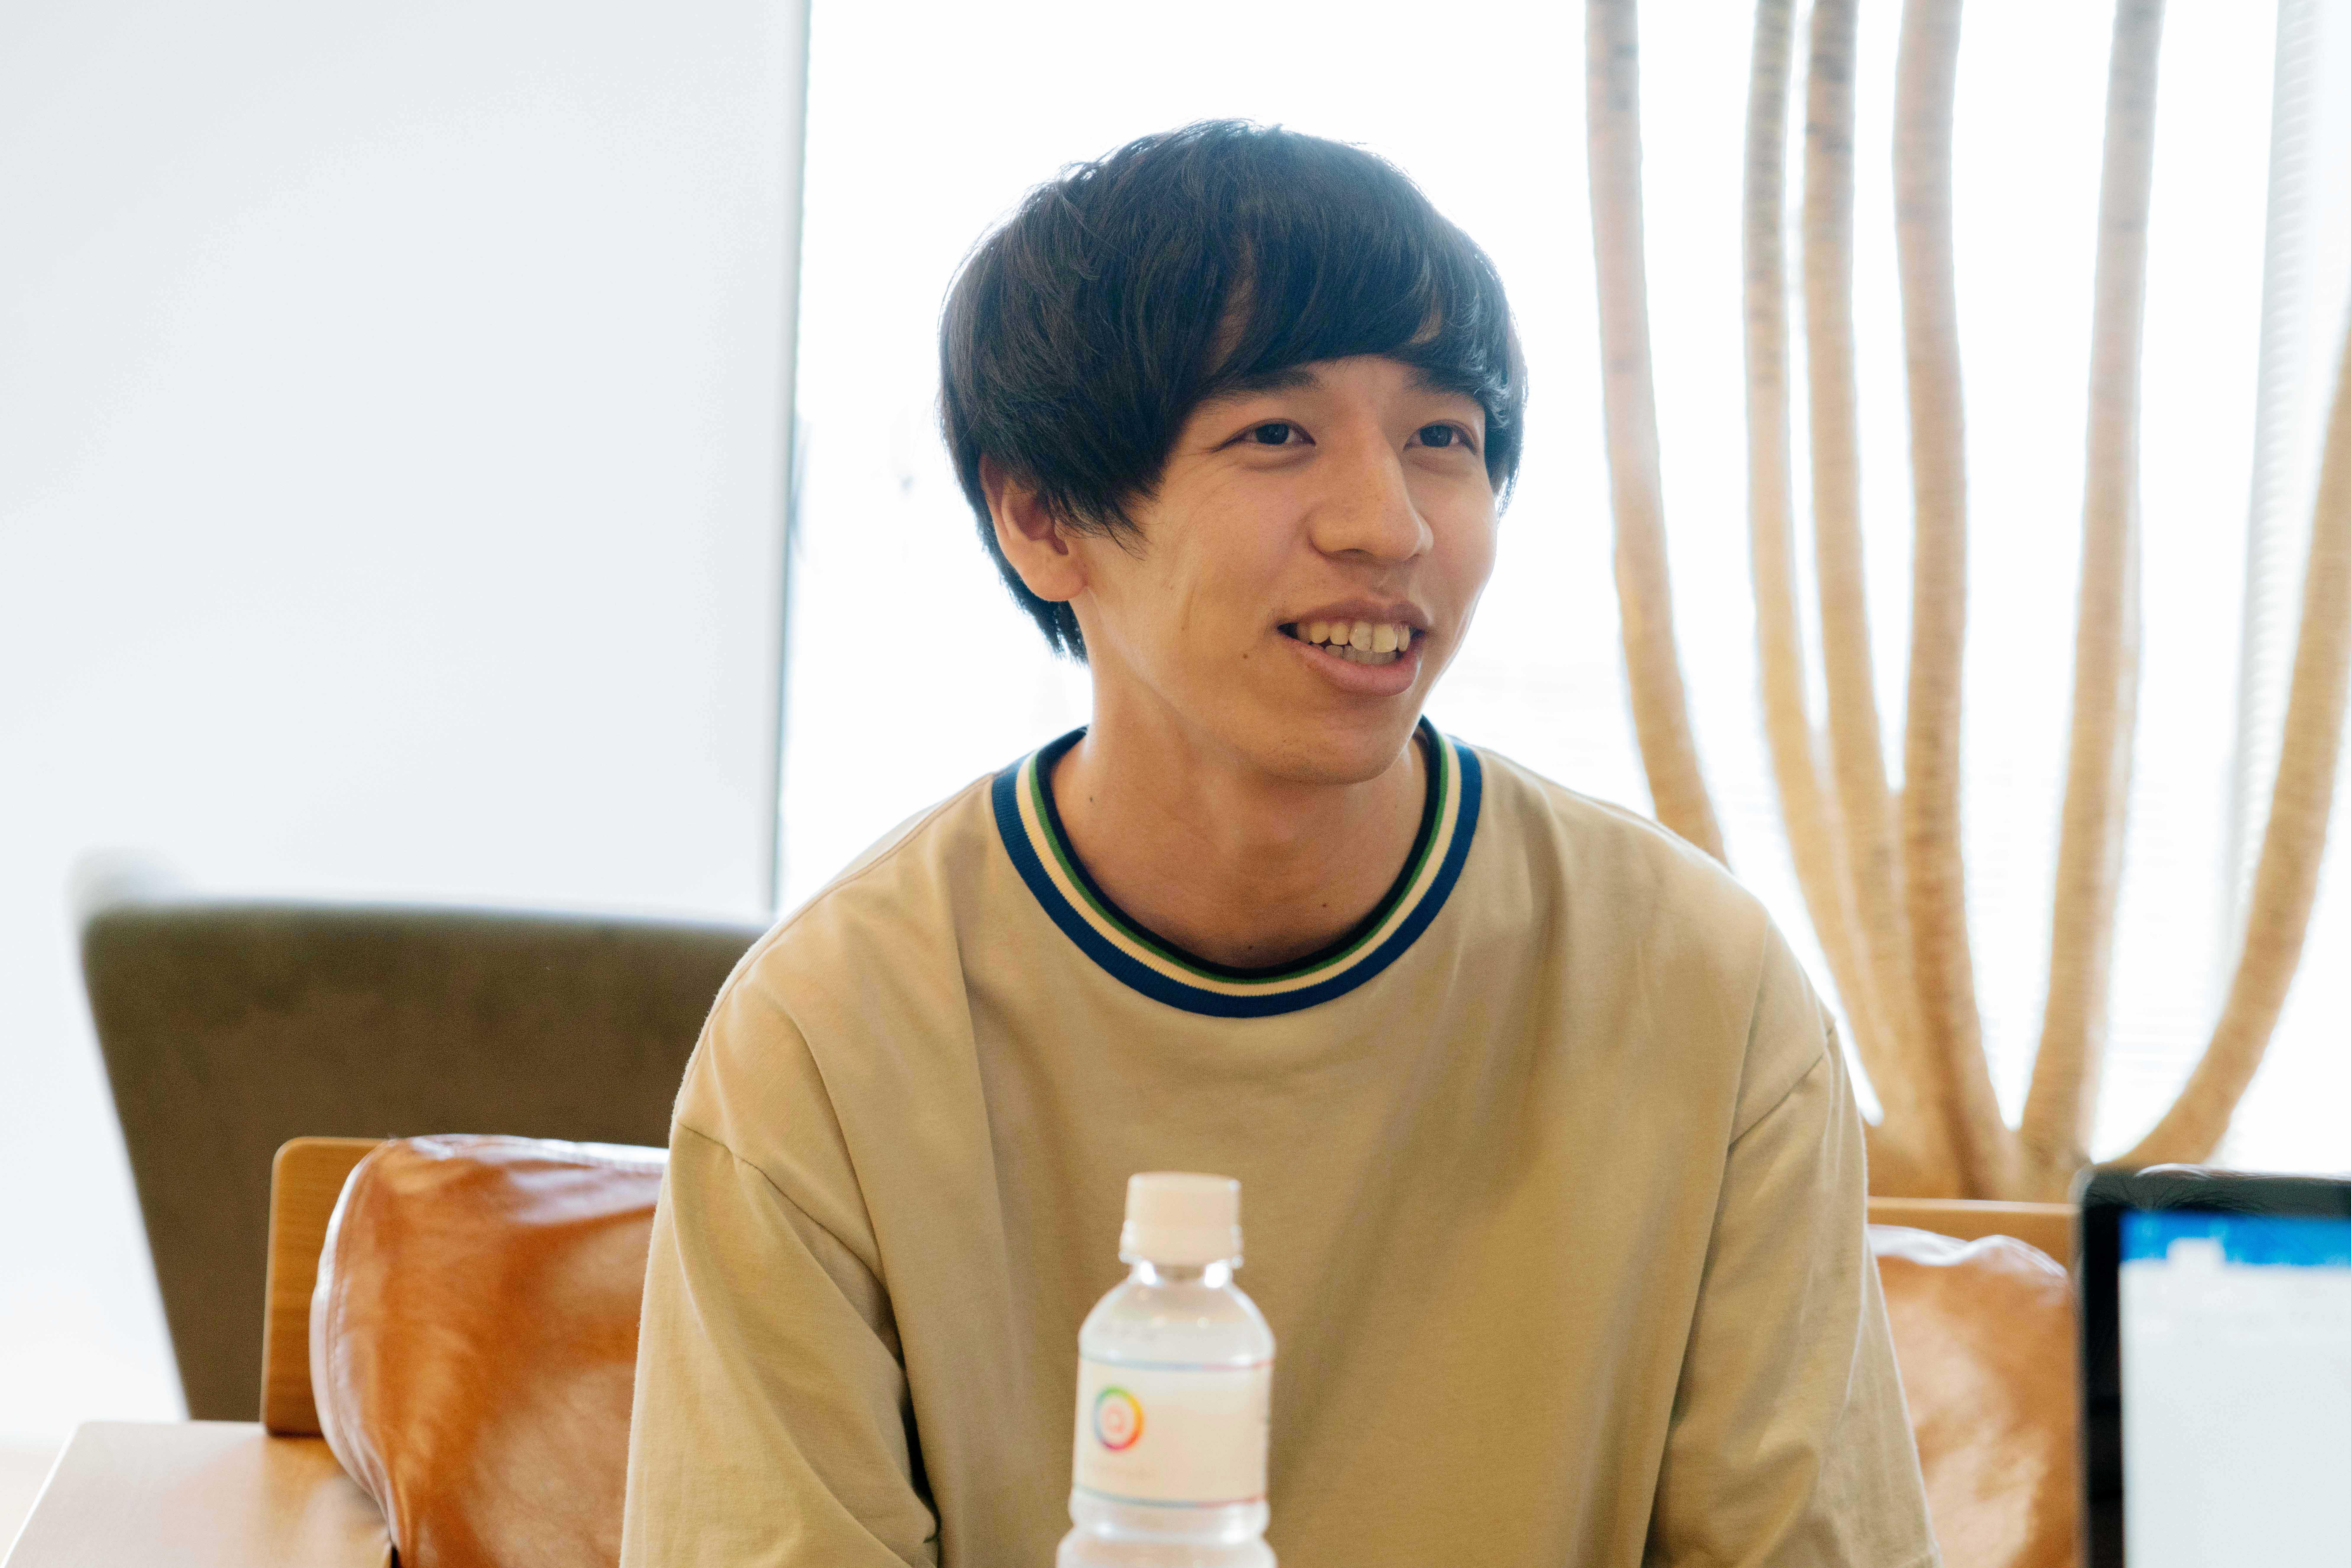 株式会社アカツキ 岸田 哲宜さんさん